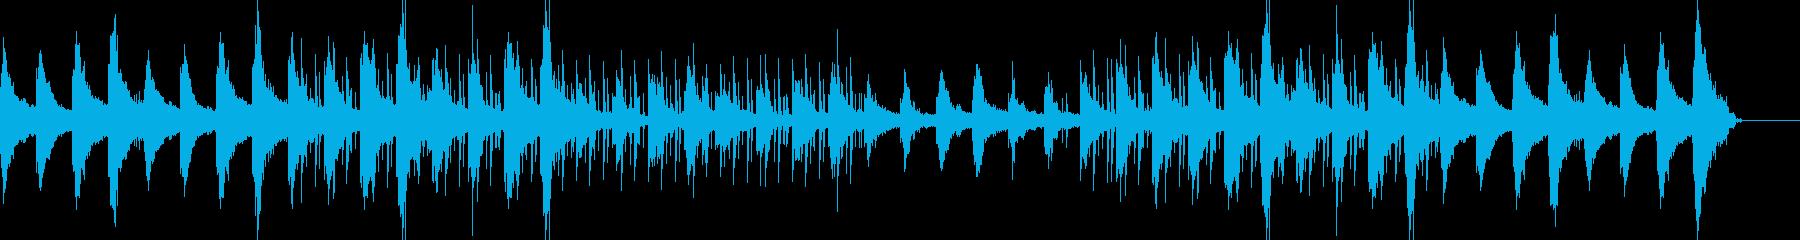 ピアノで静かに癒やされるhiphopの再生済みの波形